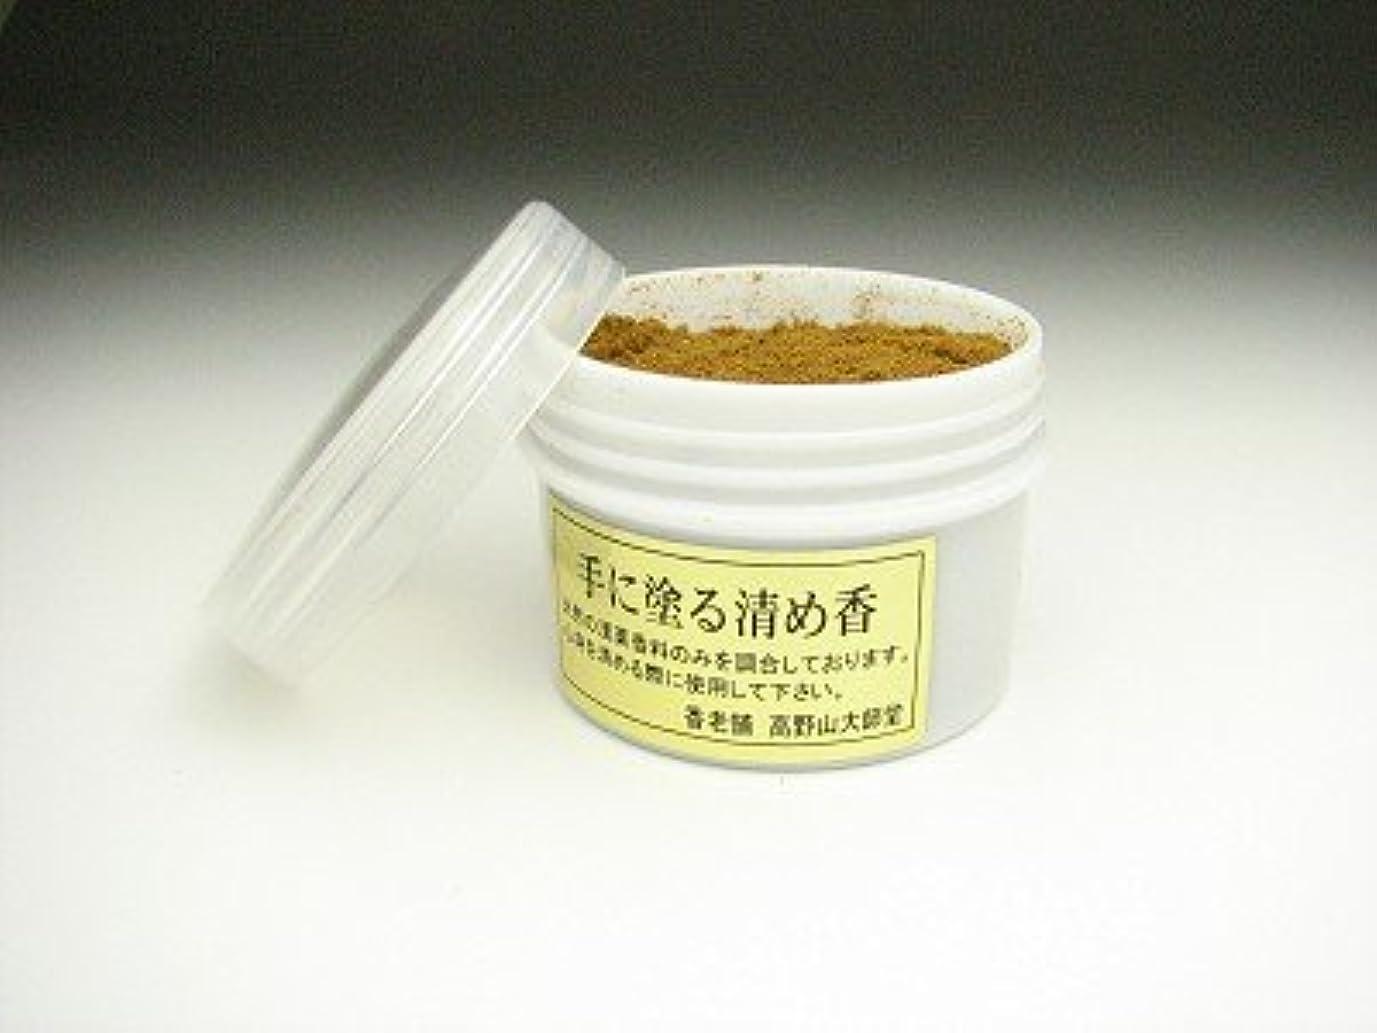 平和最小化するルール塗香 (手に塗る清め香) 15g プラカップ入